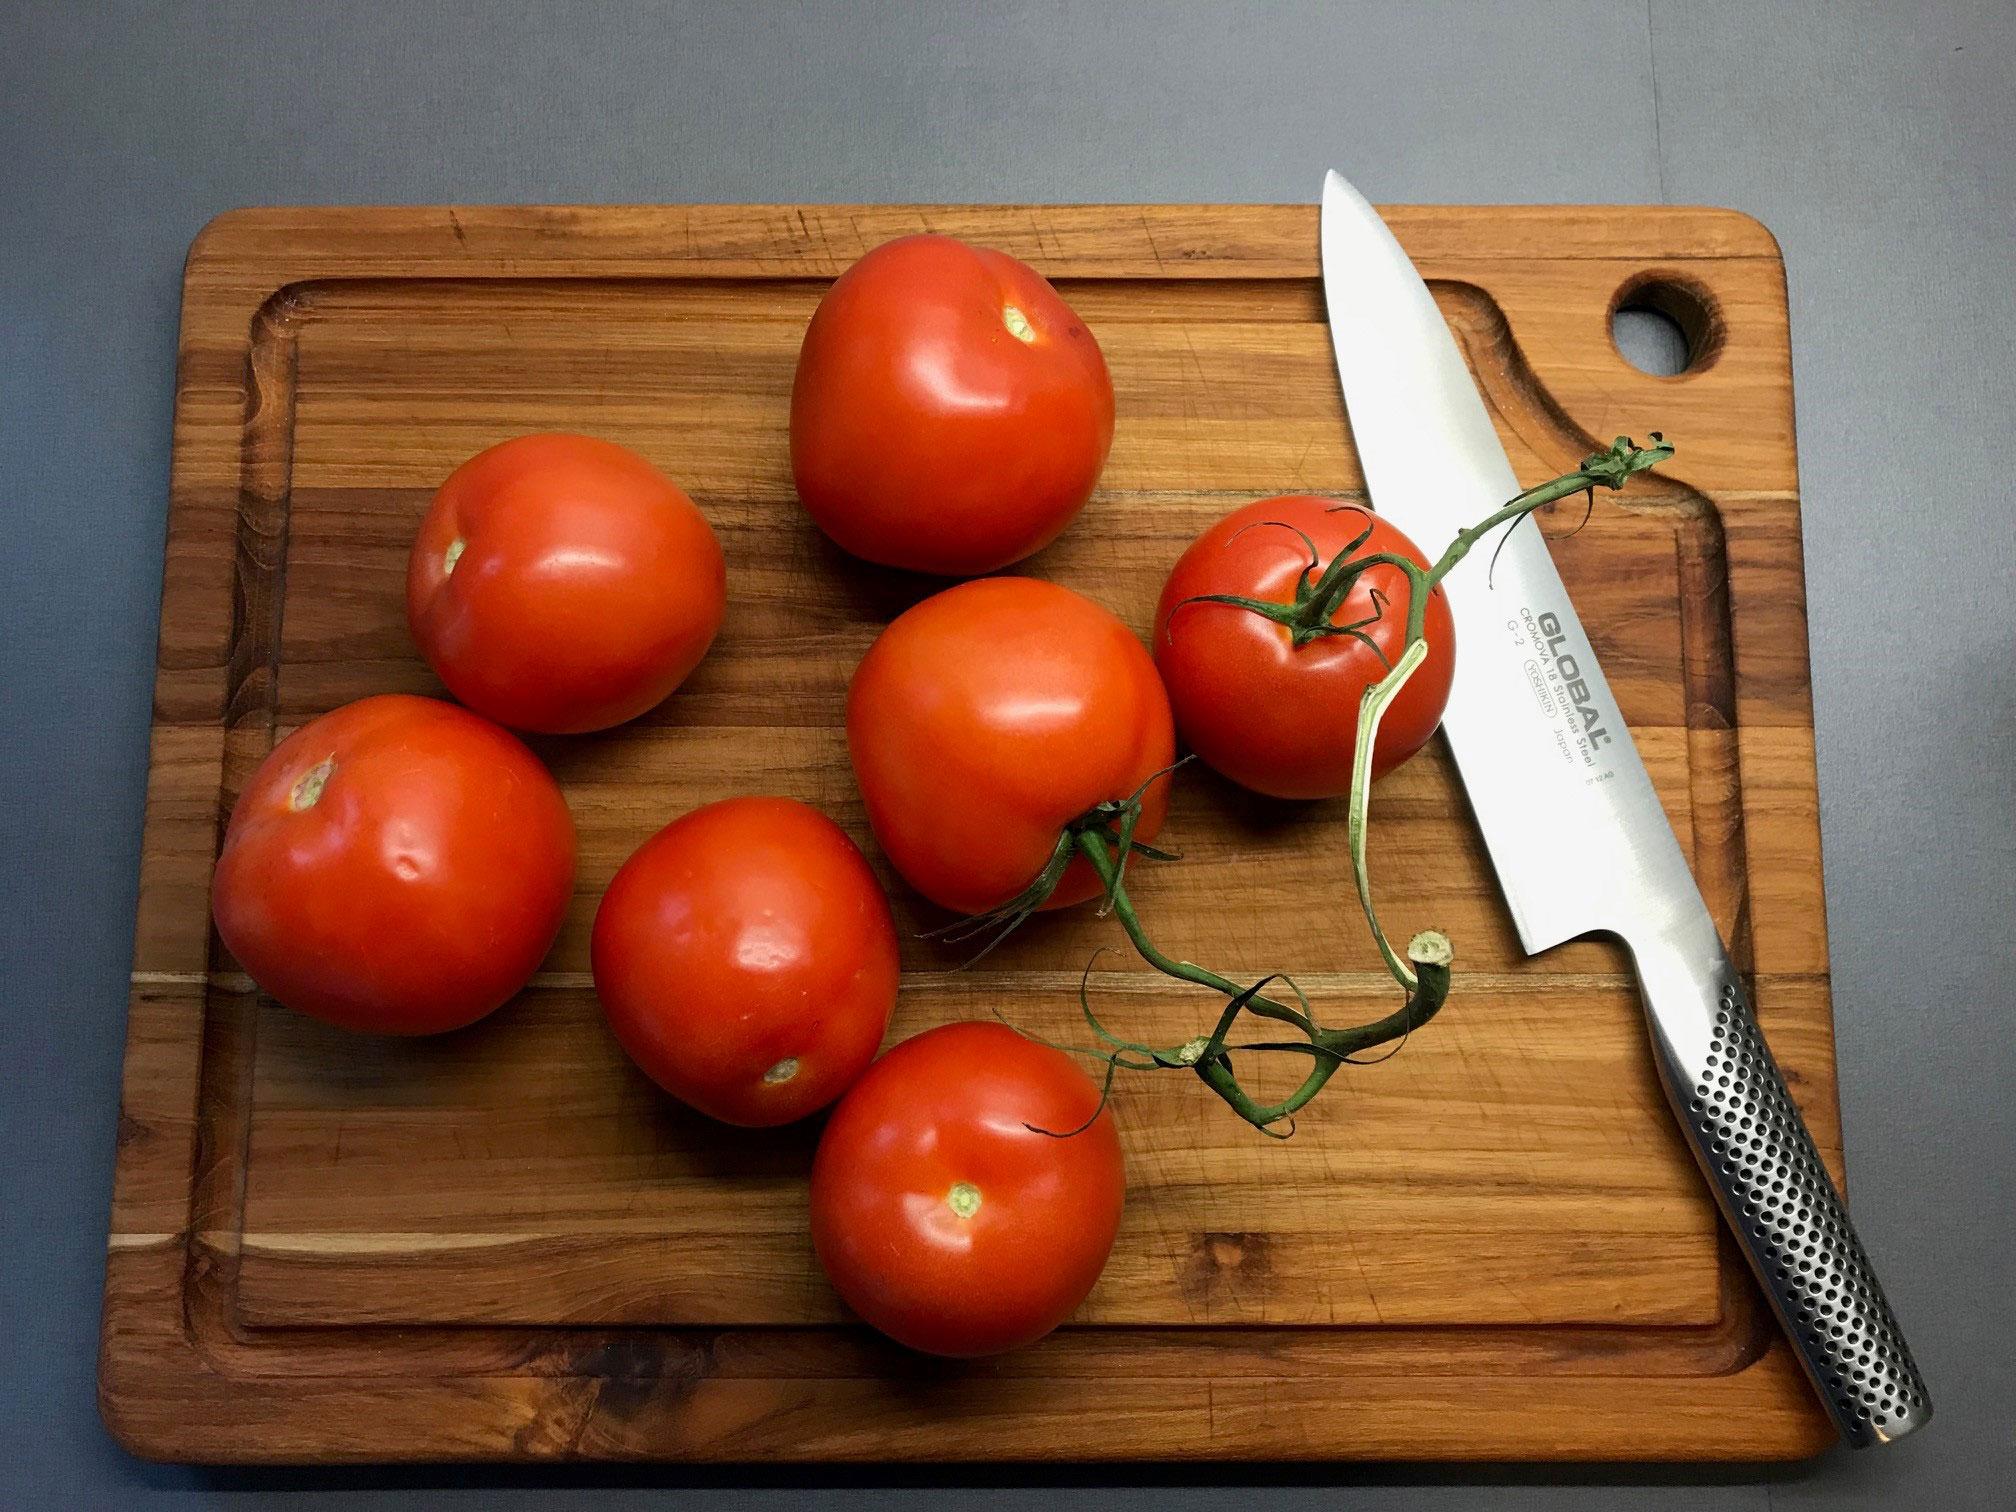 tomat-tomatmarmelad-till-far-midbec-tapeter